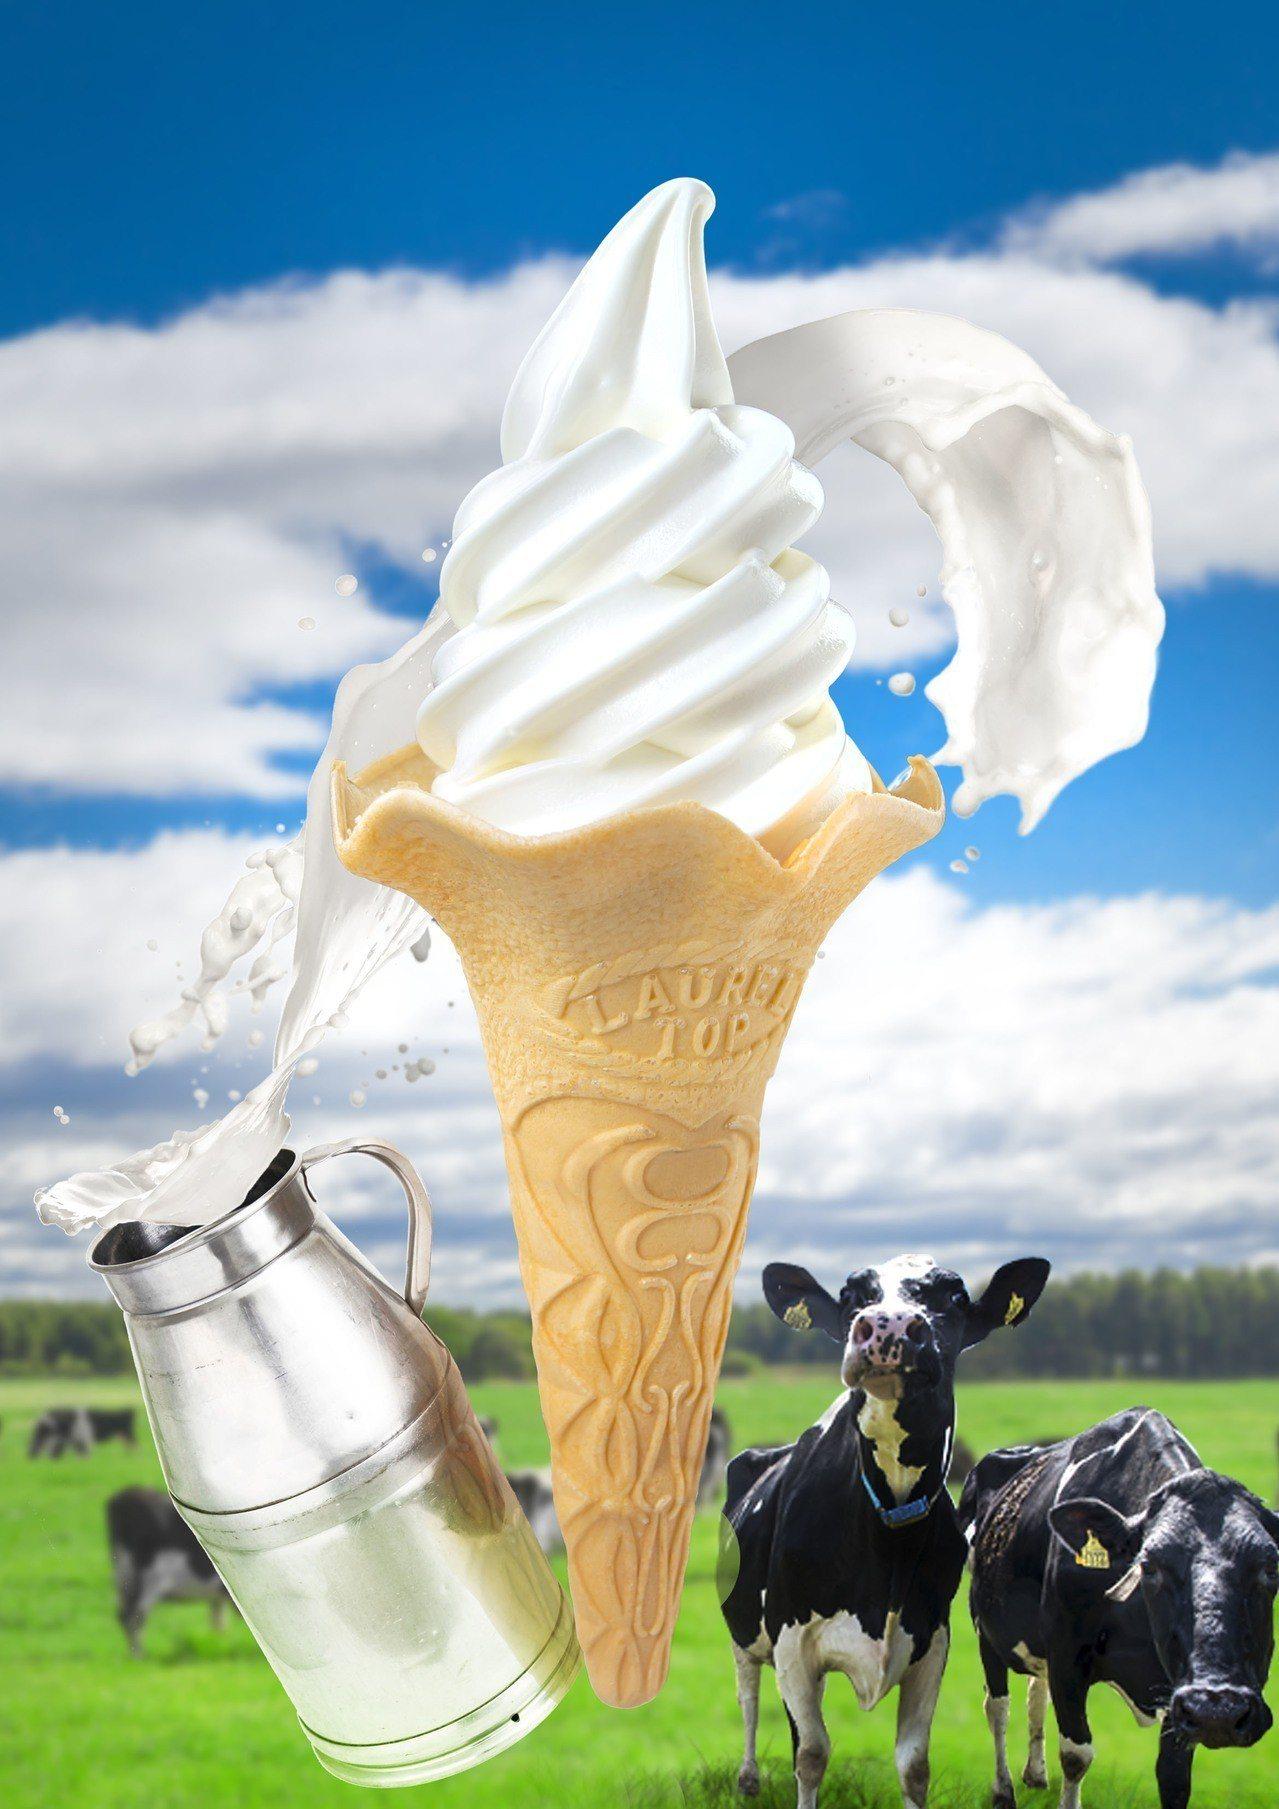 經典北海道生乳原味霜淇淋90元。圖/冰淇淋之家提供